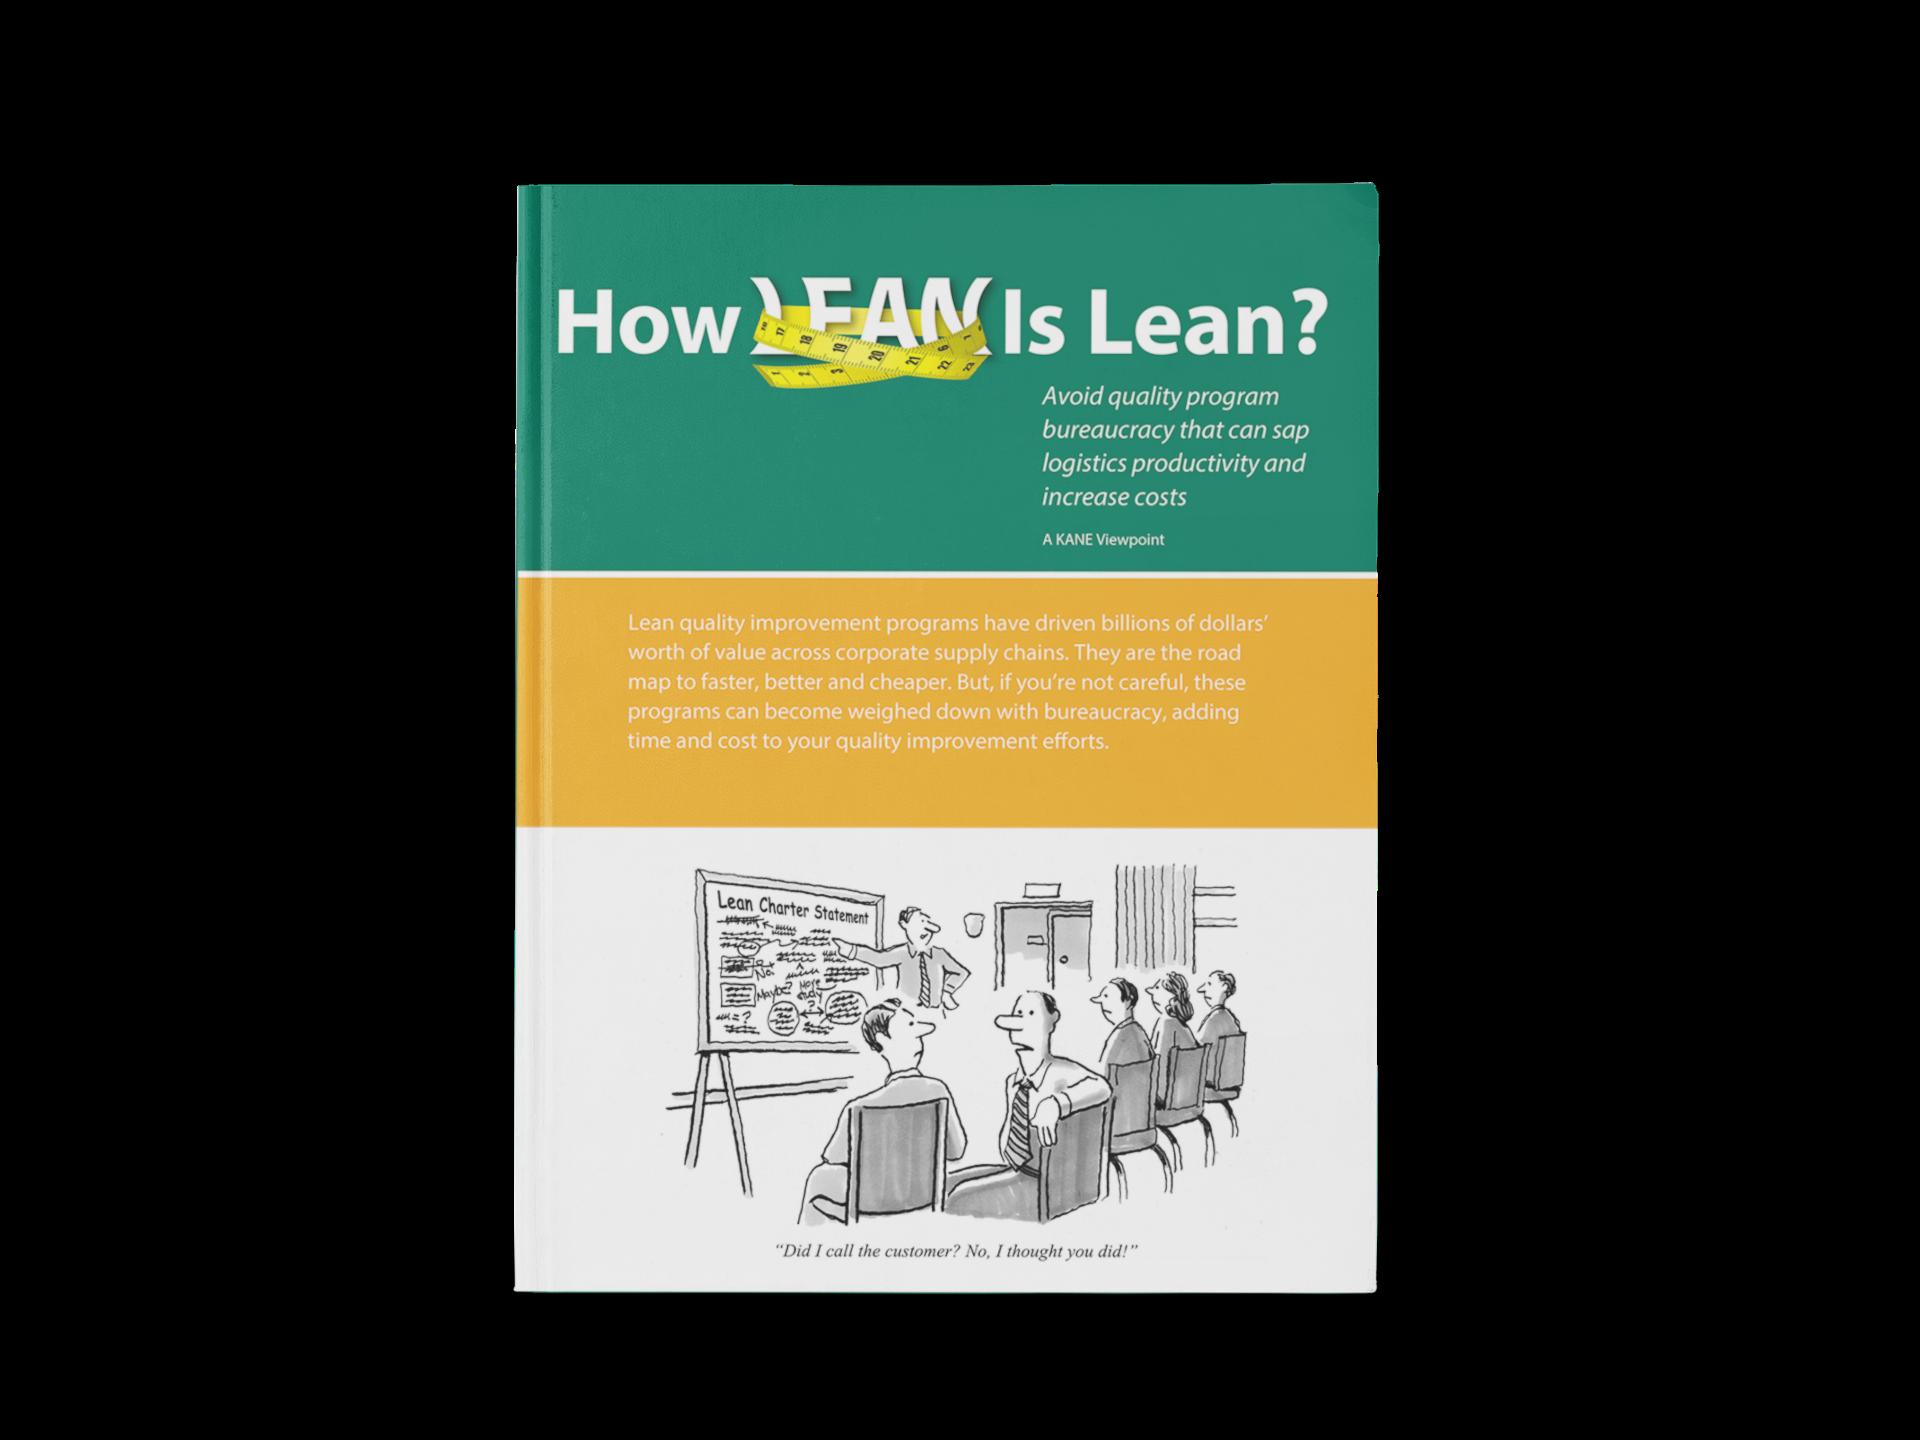 how-lean-is-lean-cvr.png